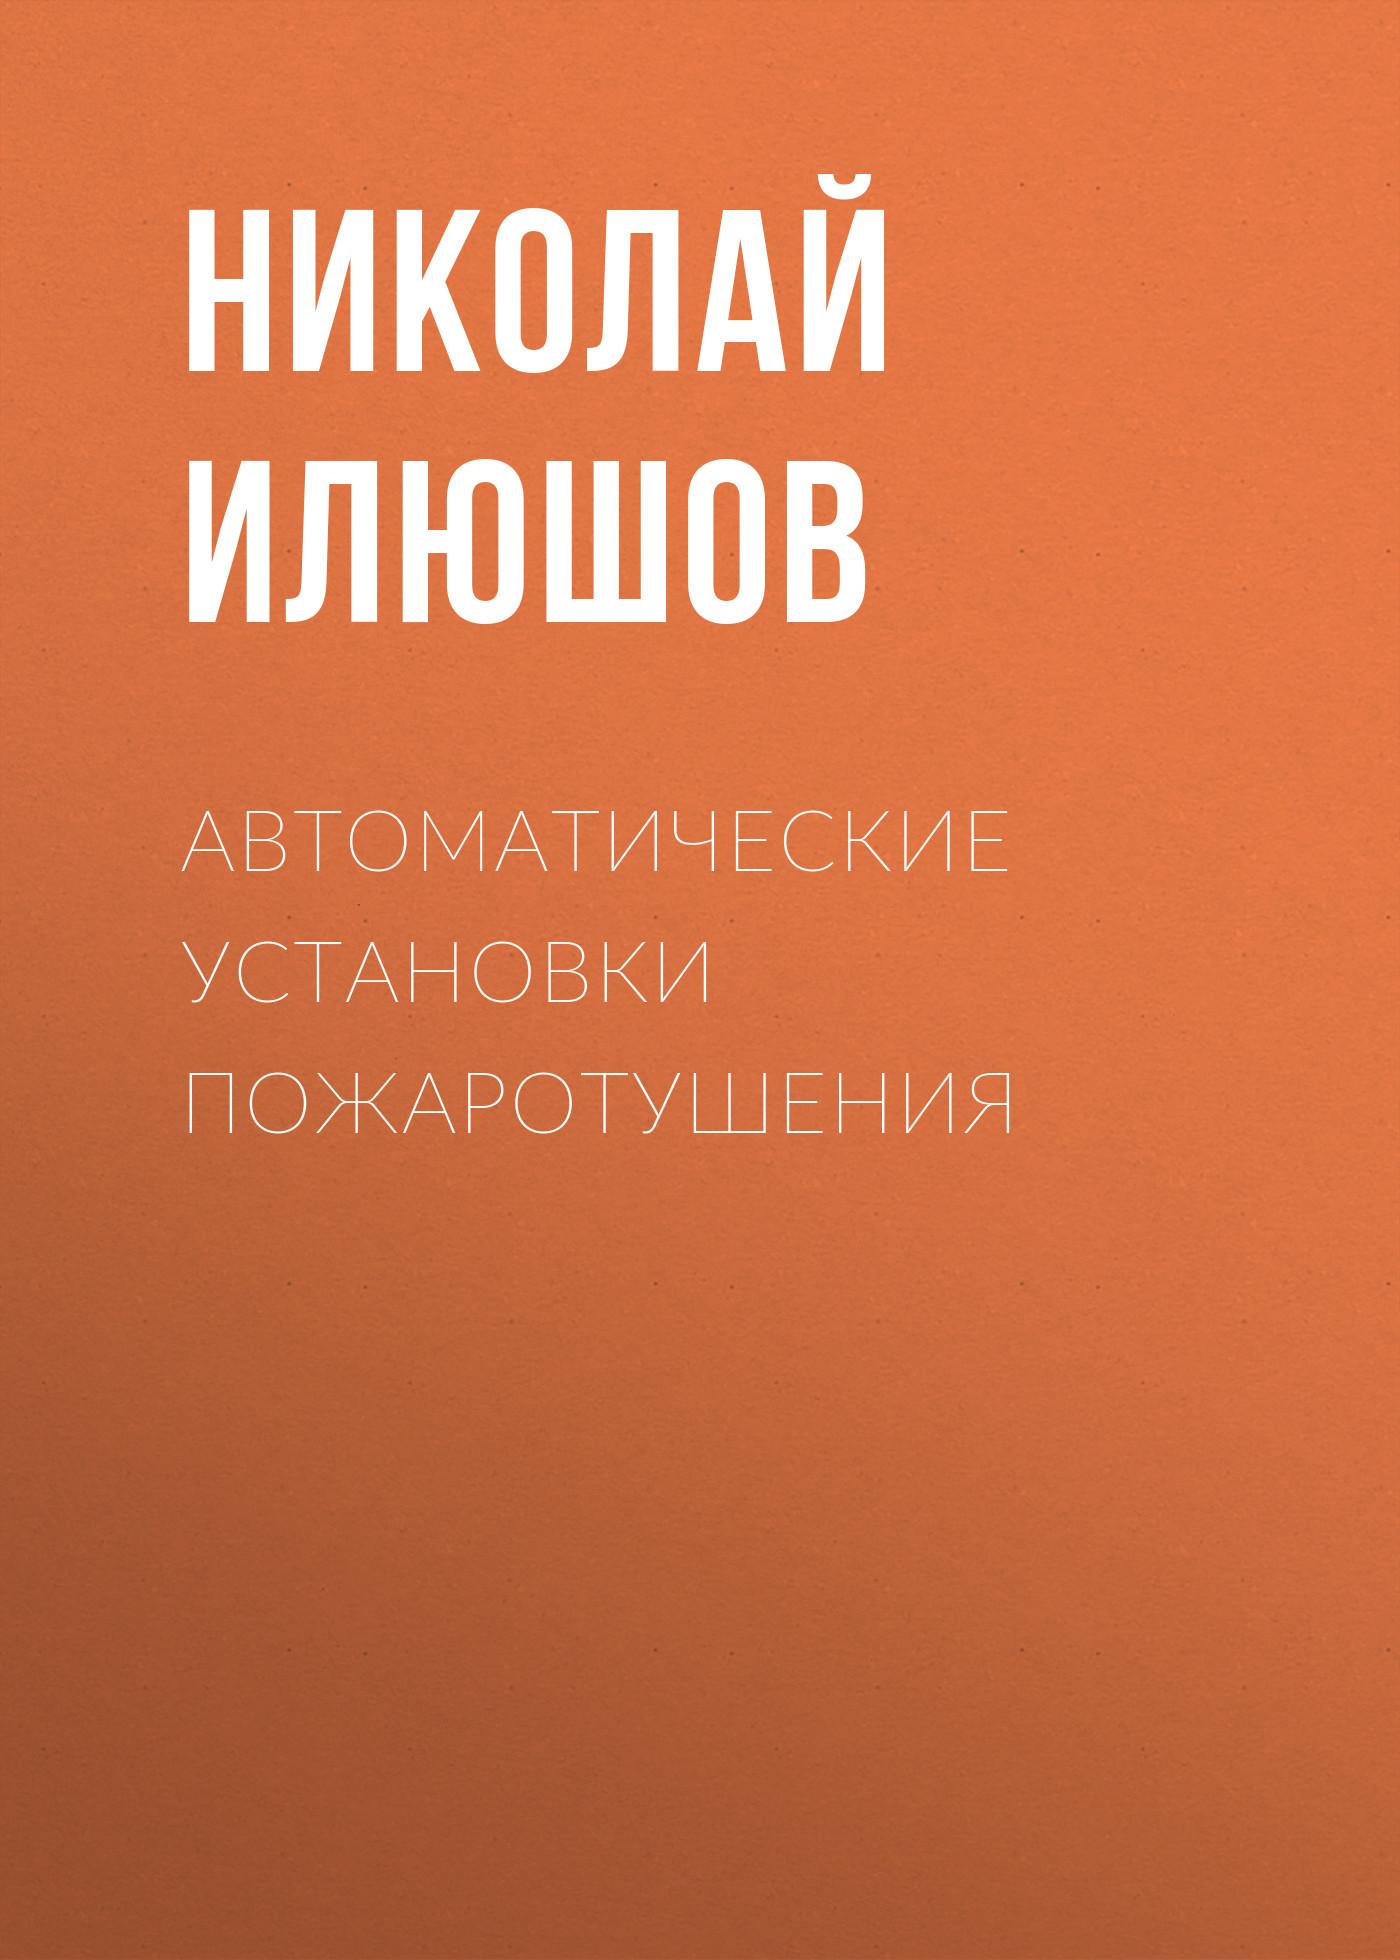 Николай Илюшов Автоматические установки пожаротушения